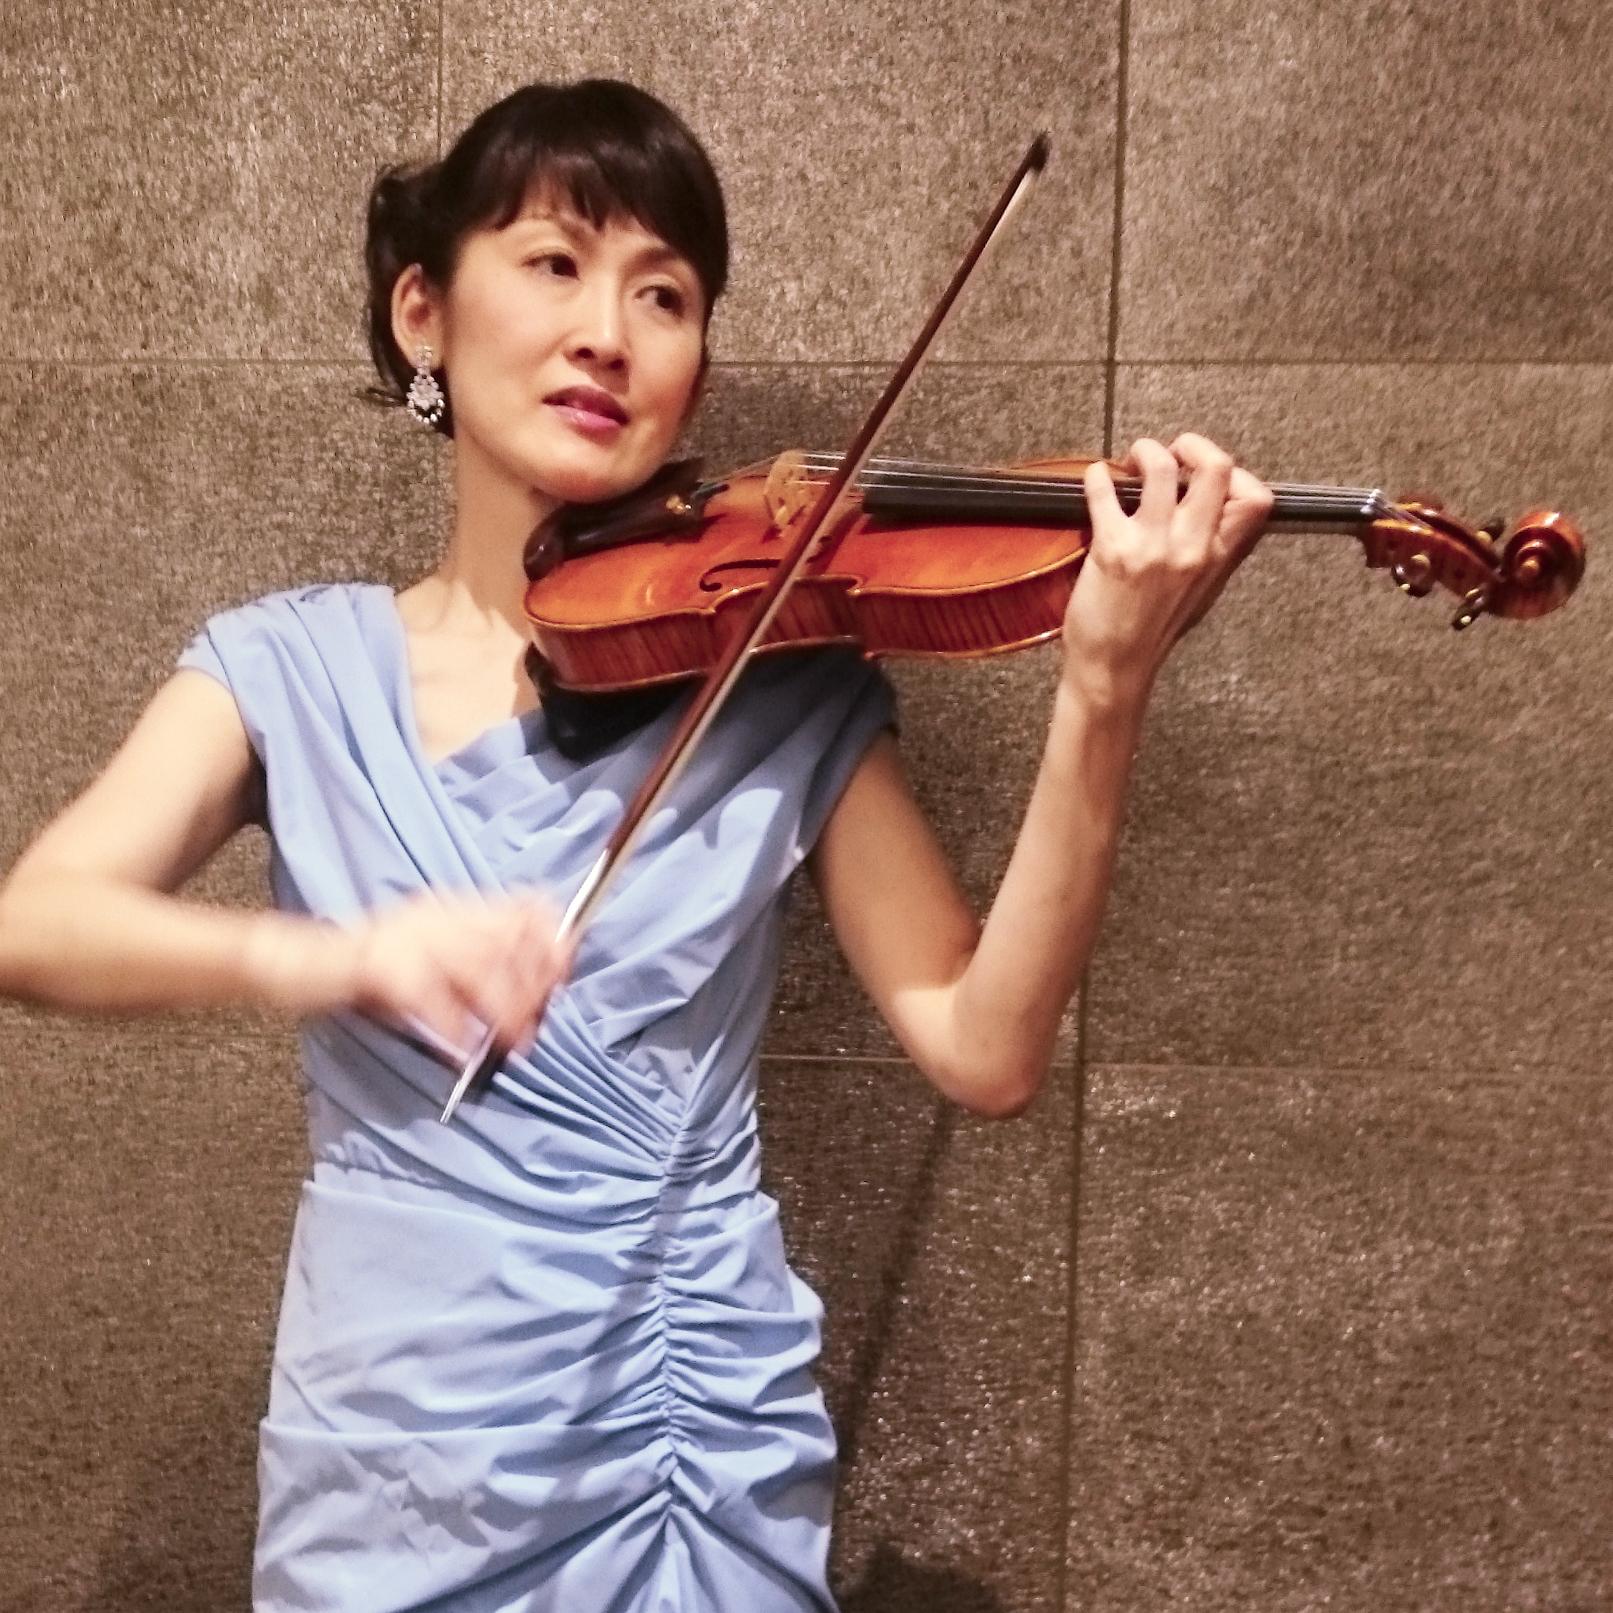 ソロヴァイオリン【生演奏】